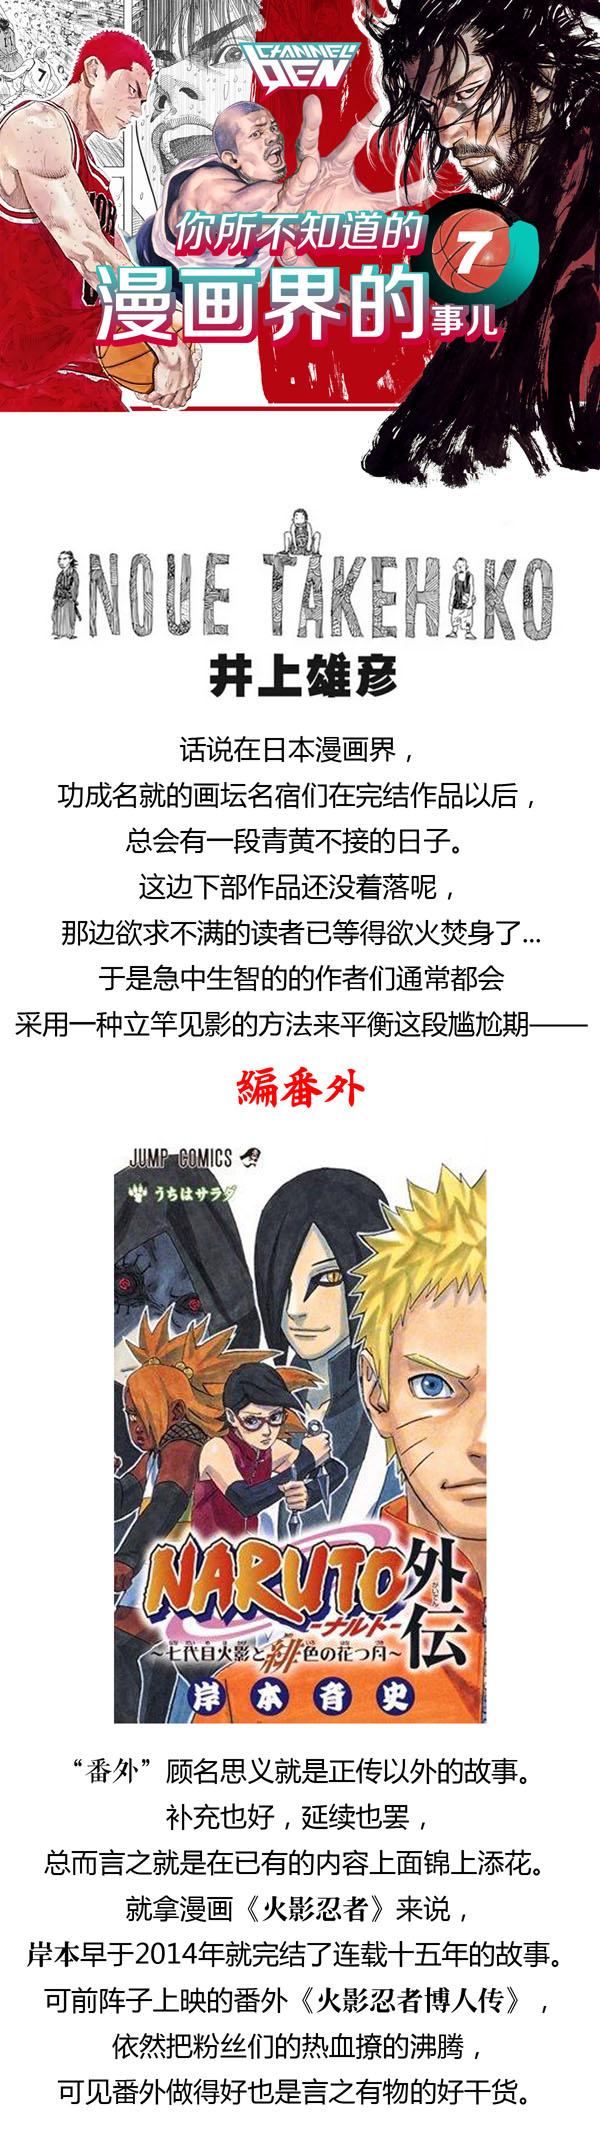 井上雄彦:你一定不了解的番外故事